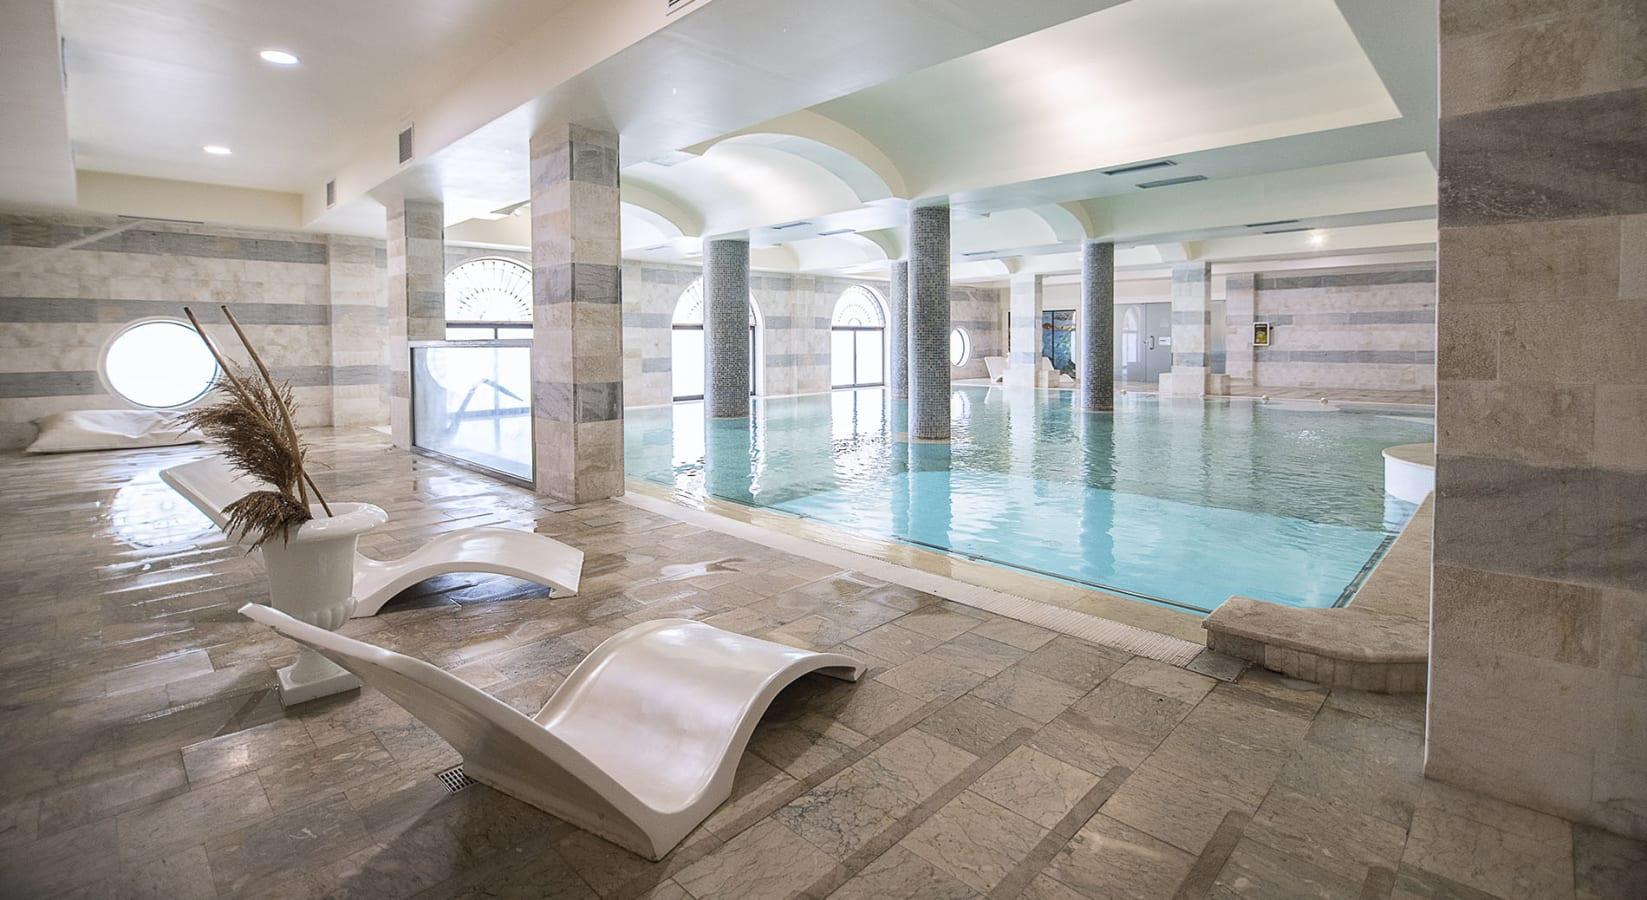 Spa c/o Baglio Basile Hotel